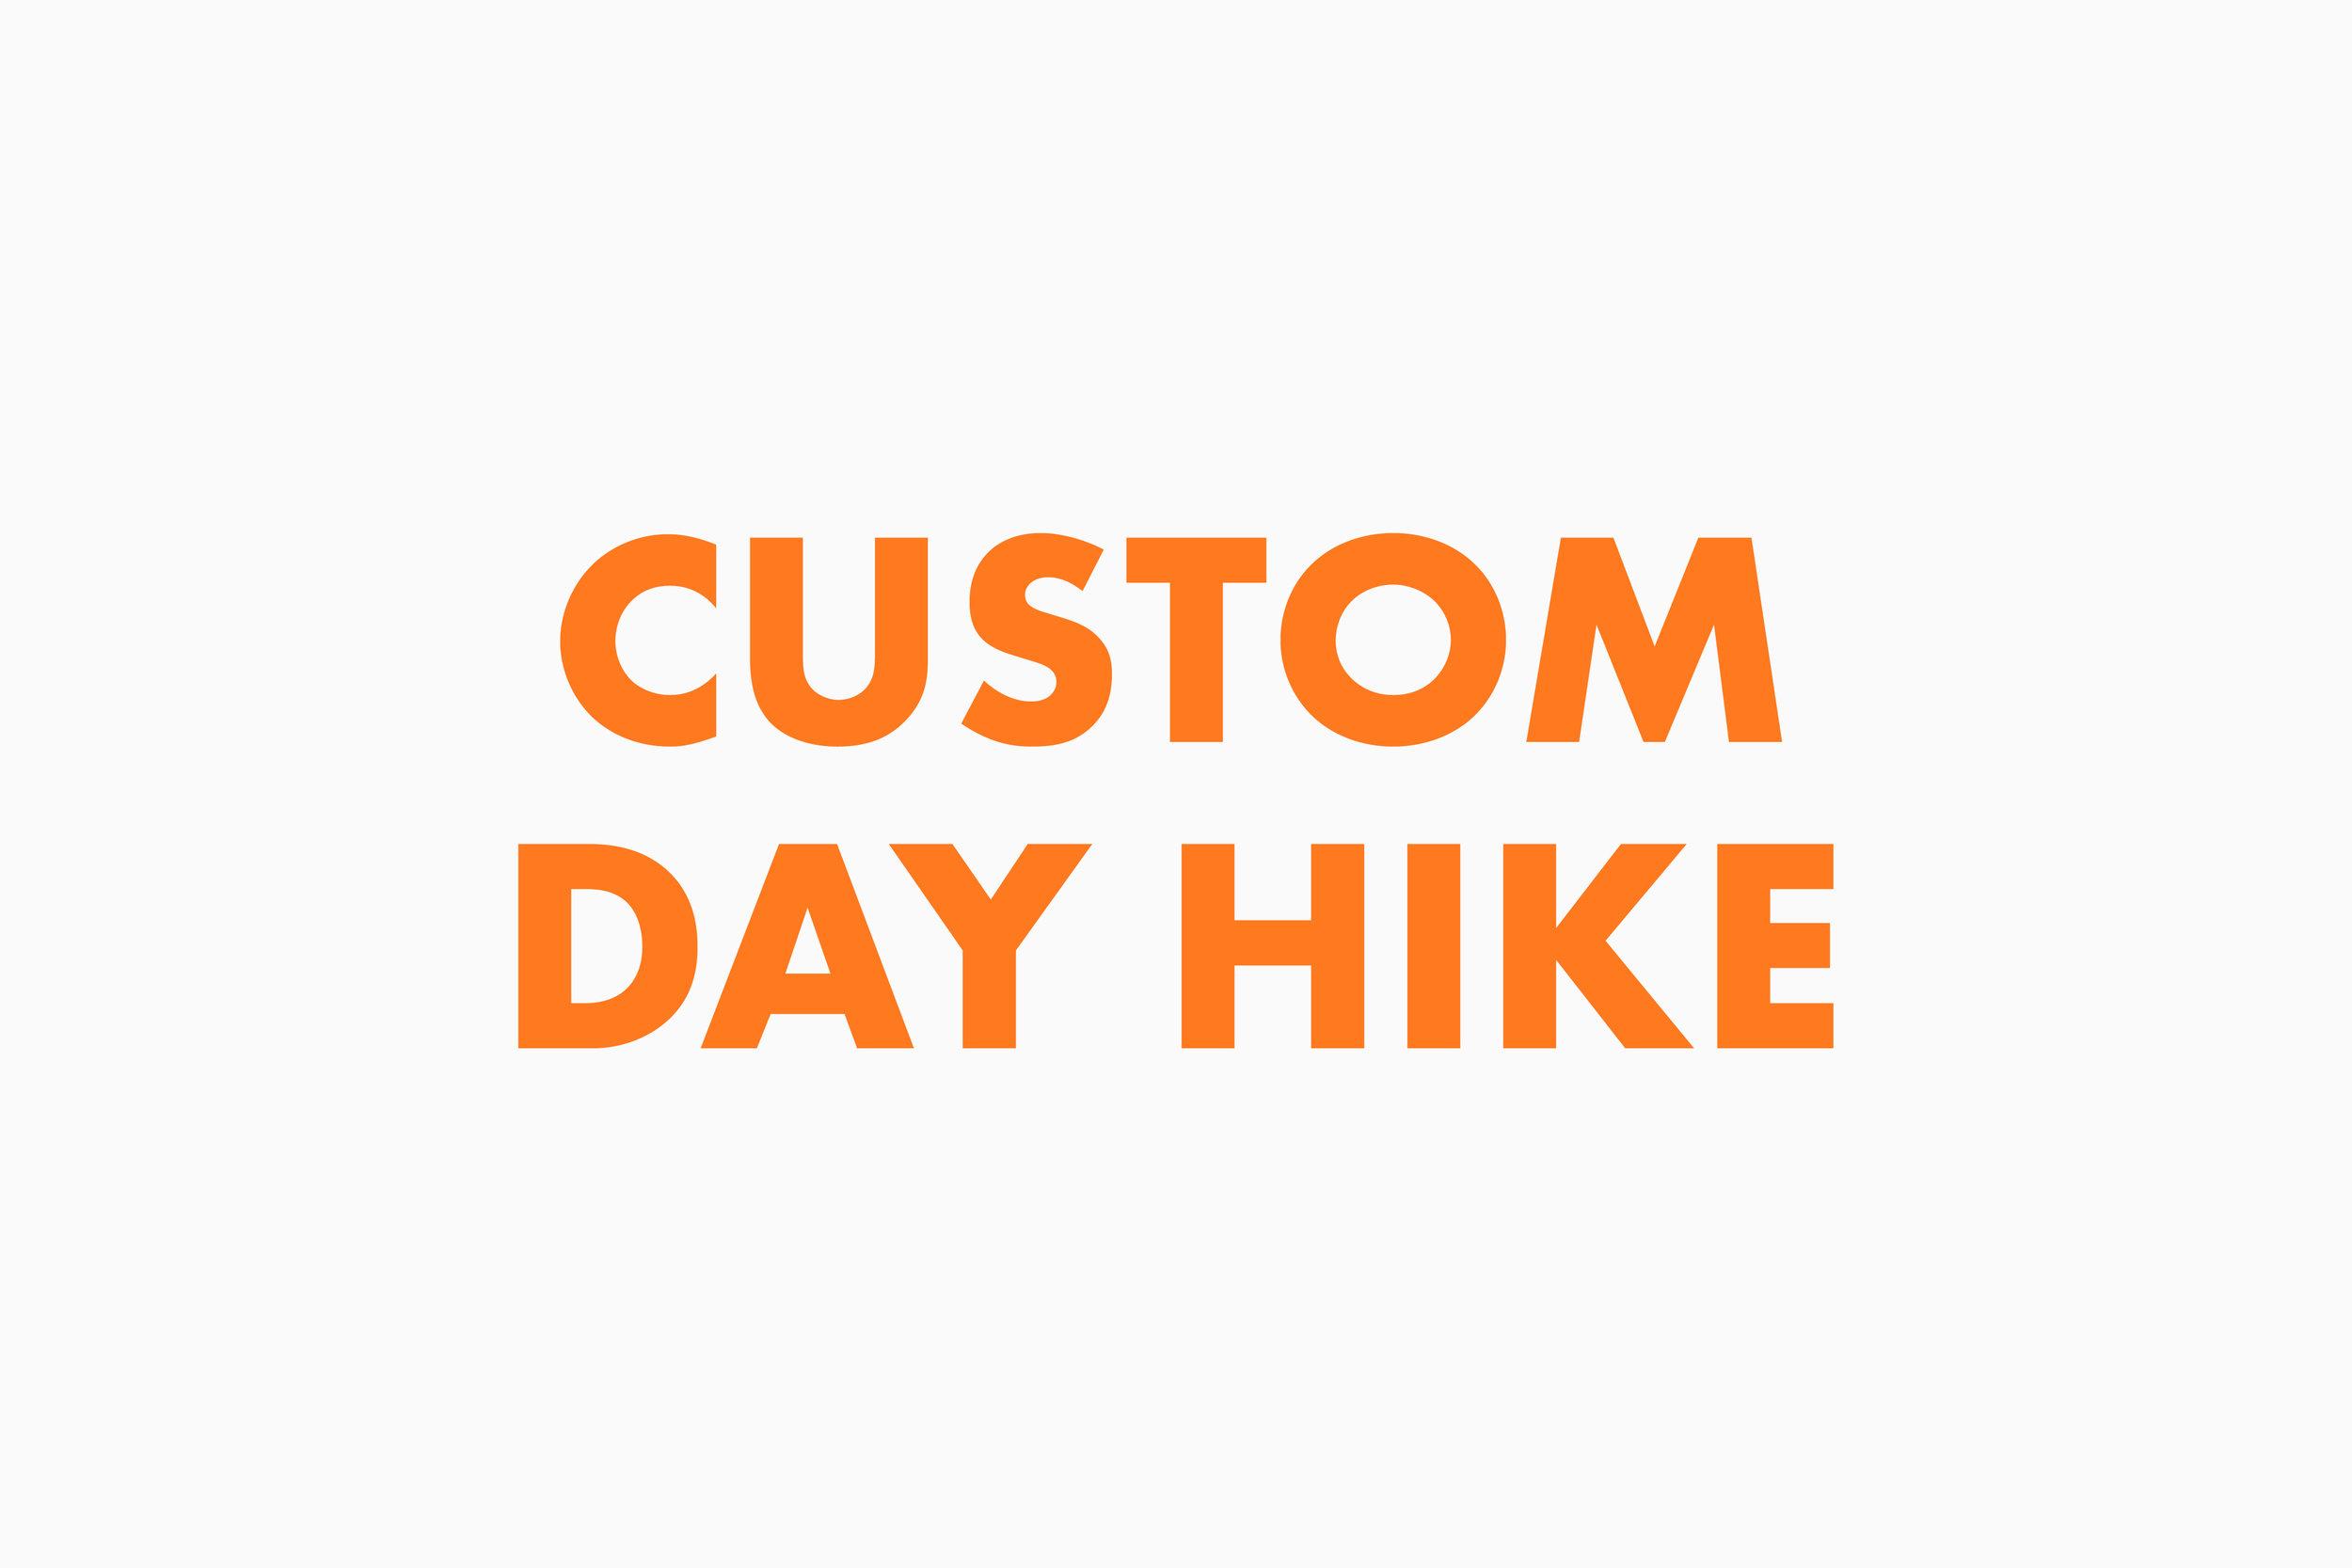 custom_day_hike.jpg